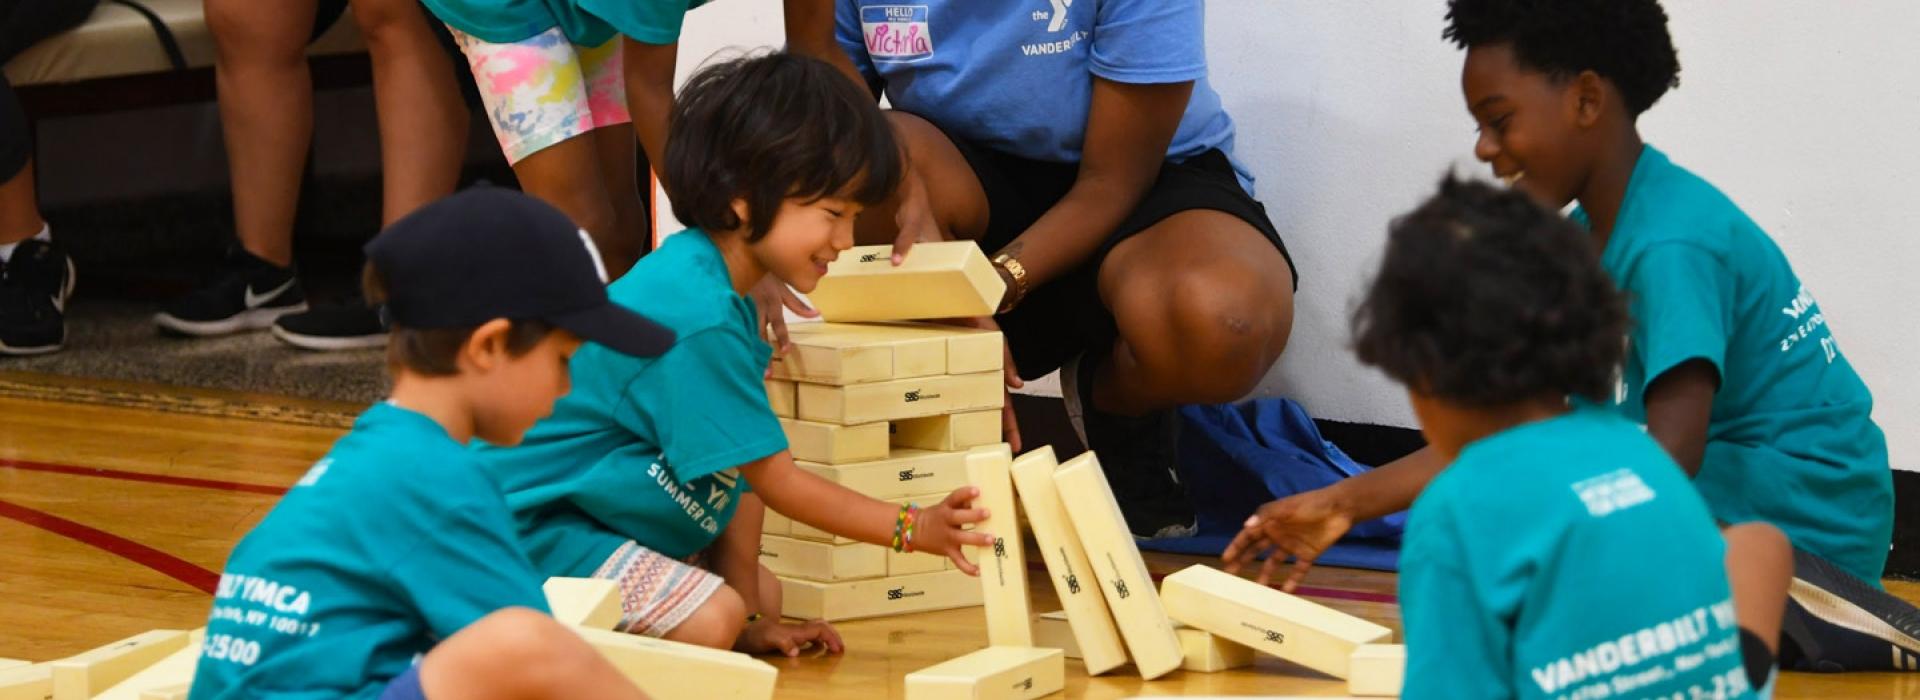 summer day camp for manhattan kids | vanderbilt ymca